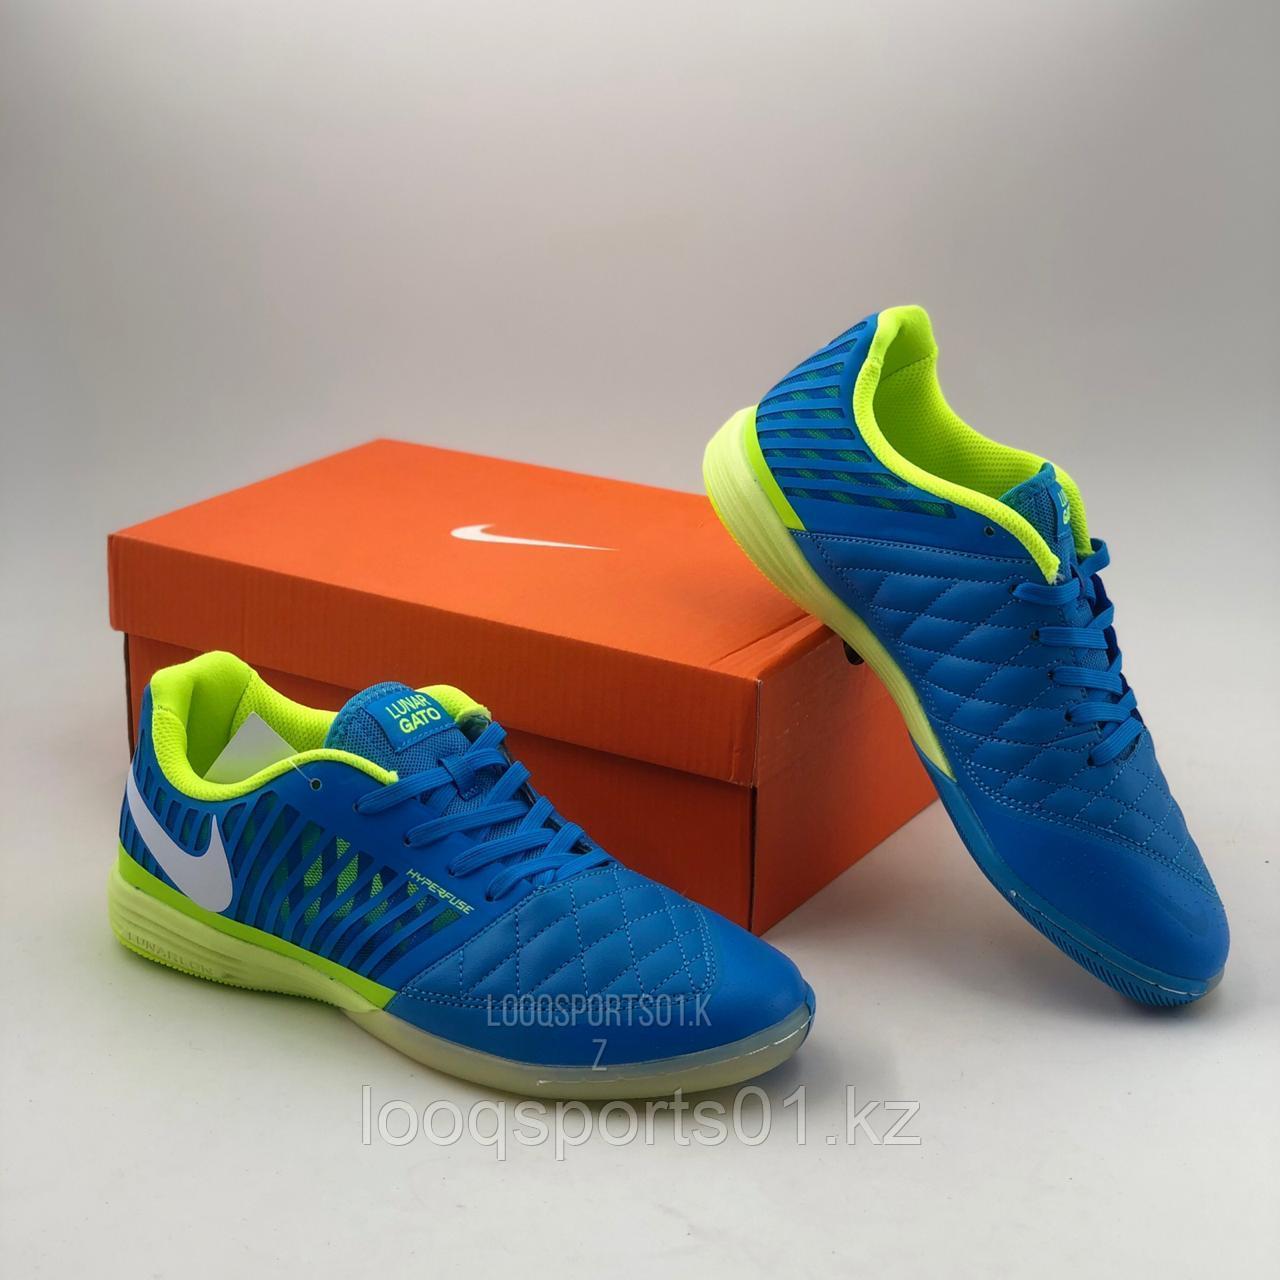 Футбольные обувь для зала, футзалки, миники, зальники